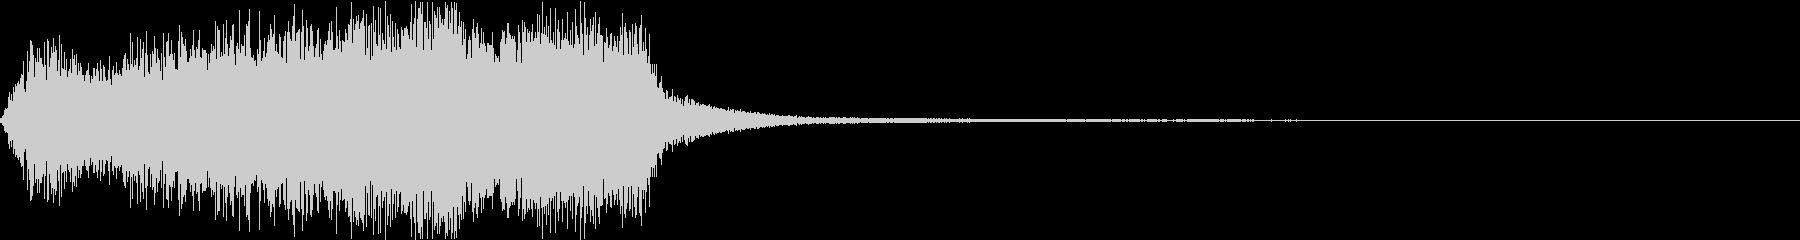 ファンファーレ ゲット シンプル 10の未再生の波形